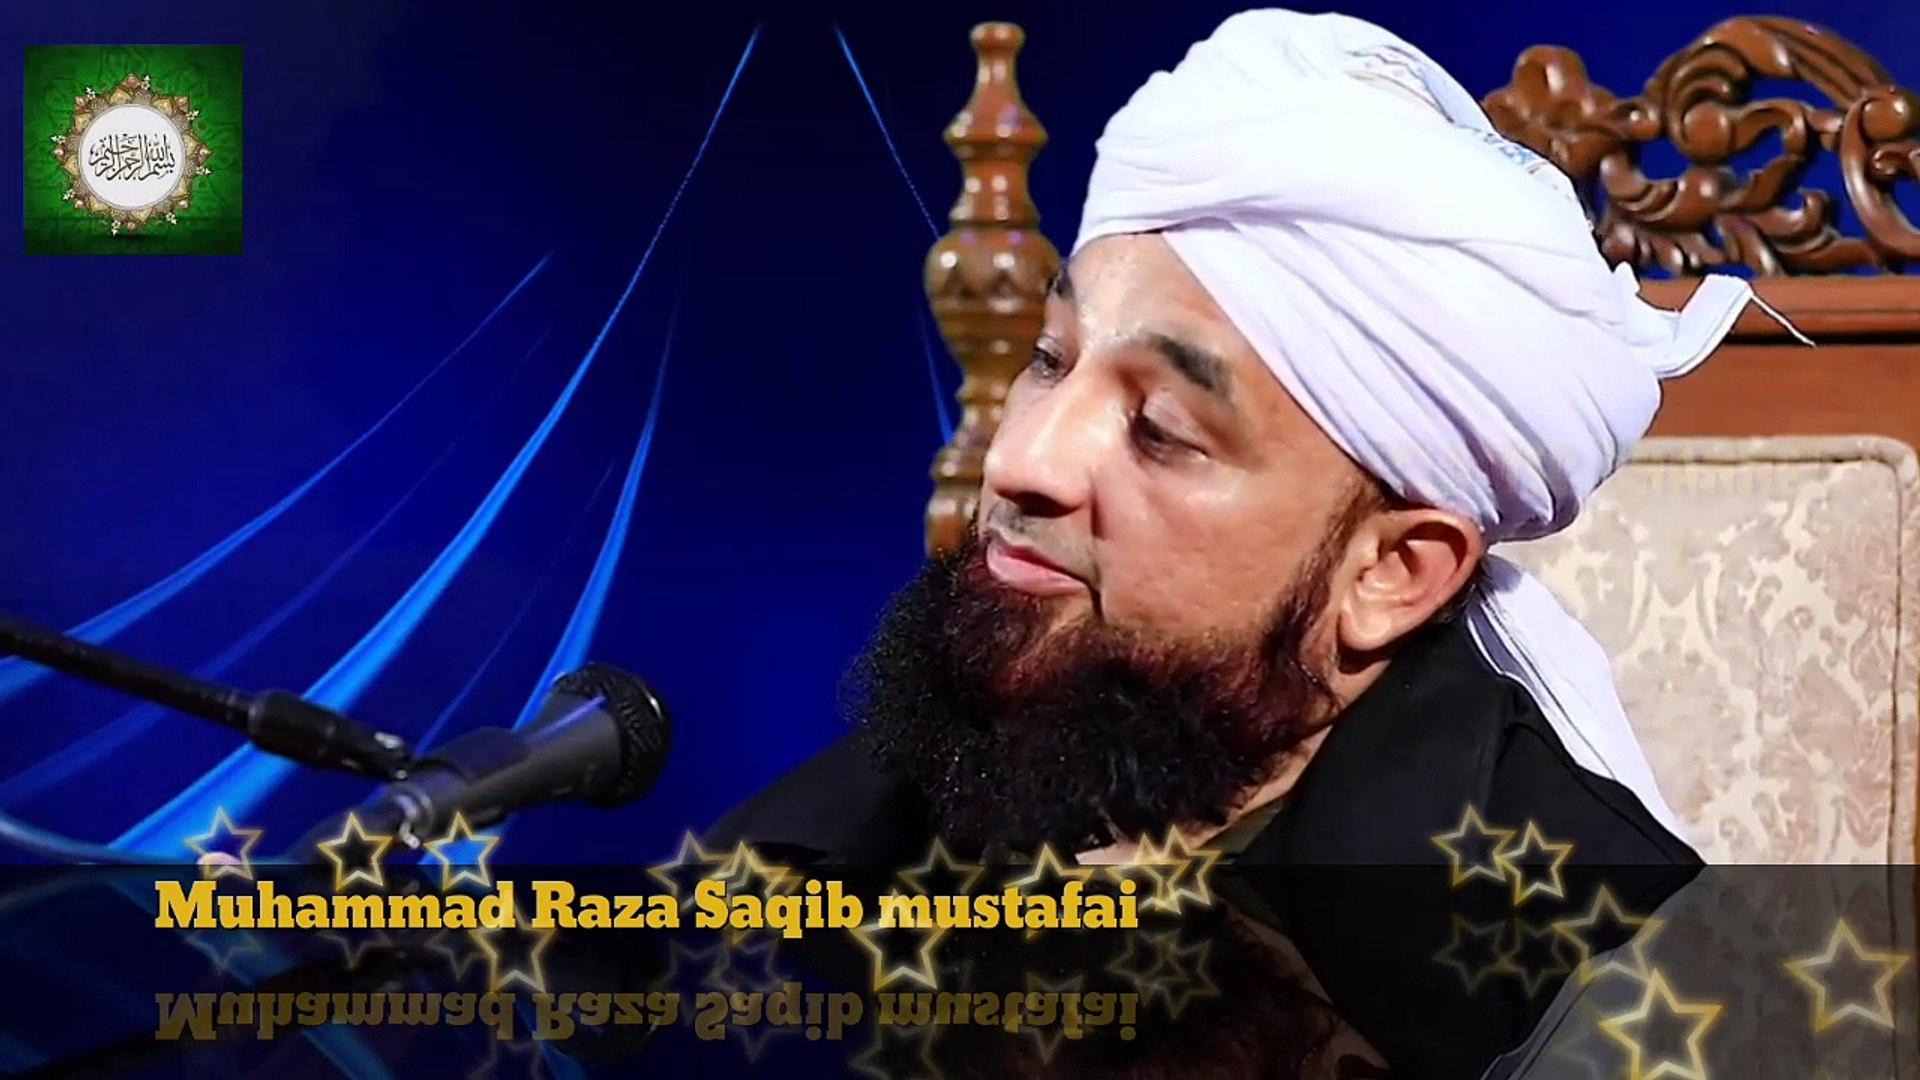 Muhammad Raza SaQib Mustafai - Neki Qubool hone ki sb se bari nishani